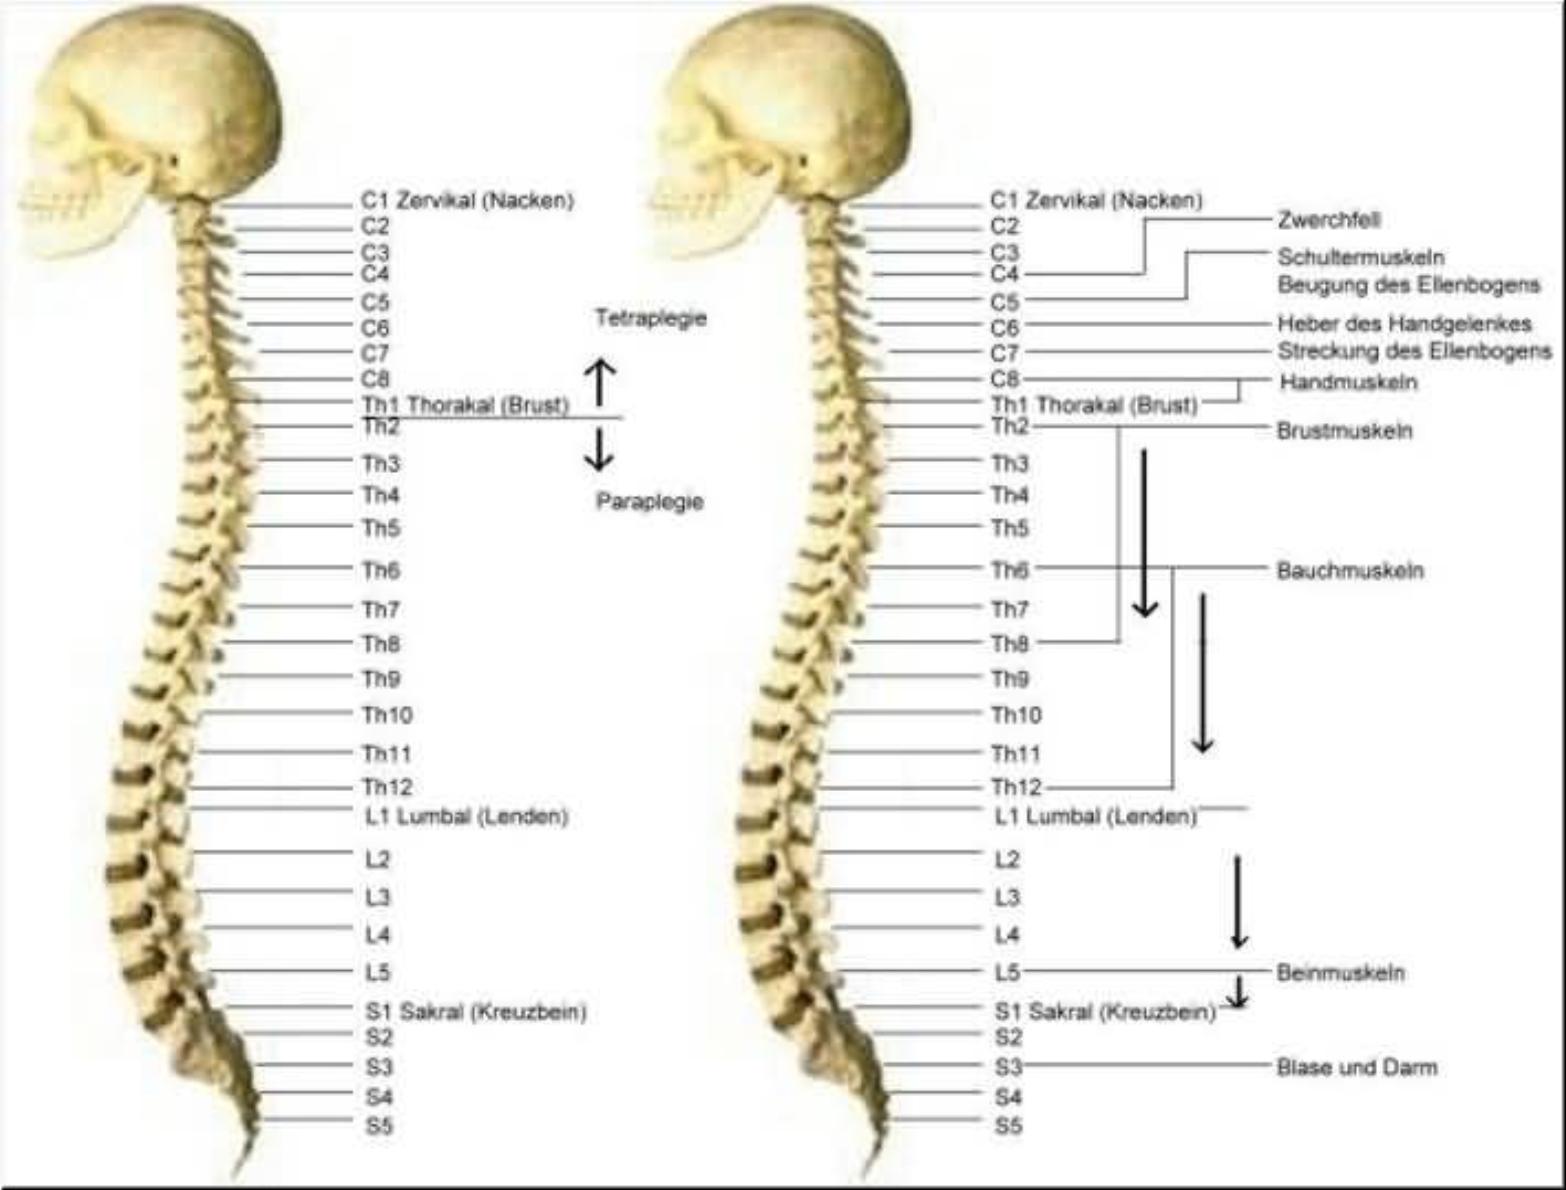 Ungewöhnlich C1 Wirbel Anatomie Galerie - Menschliche Anatomie ...